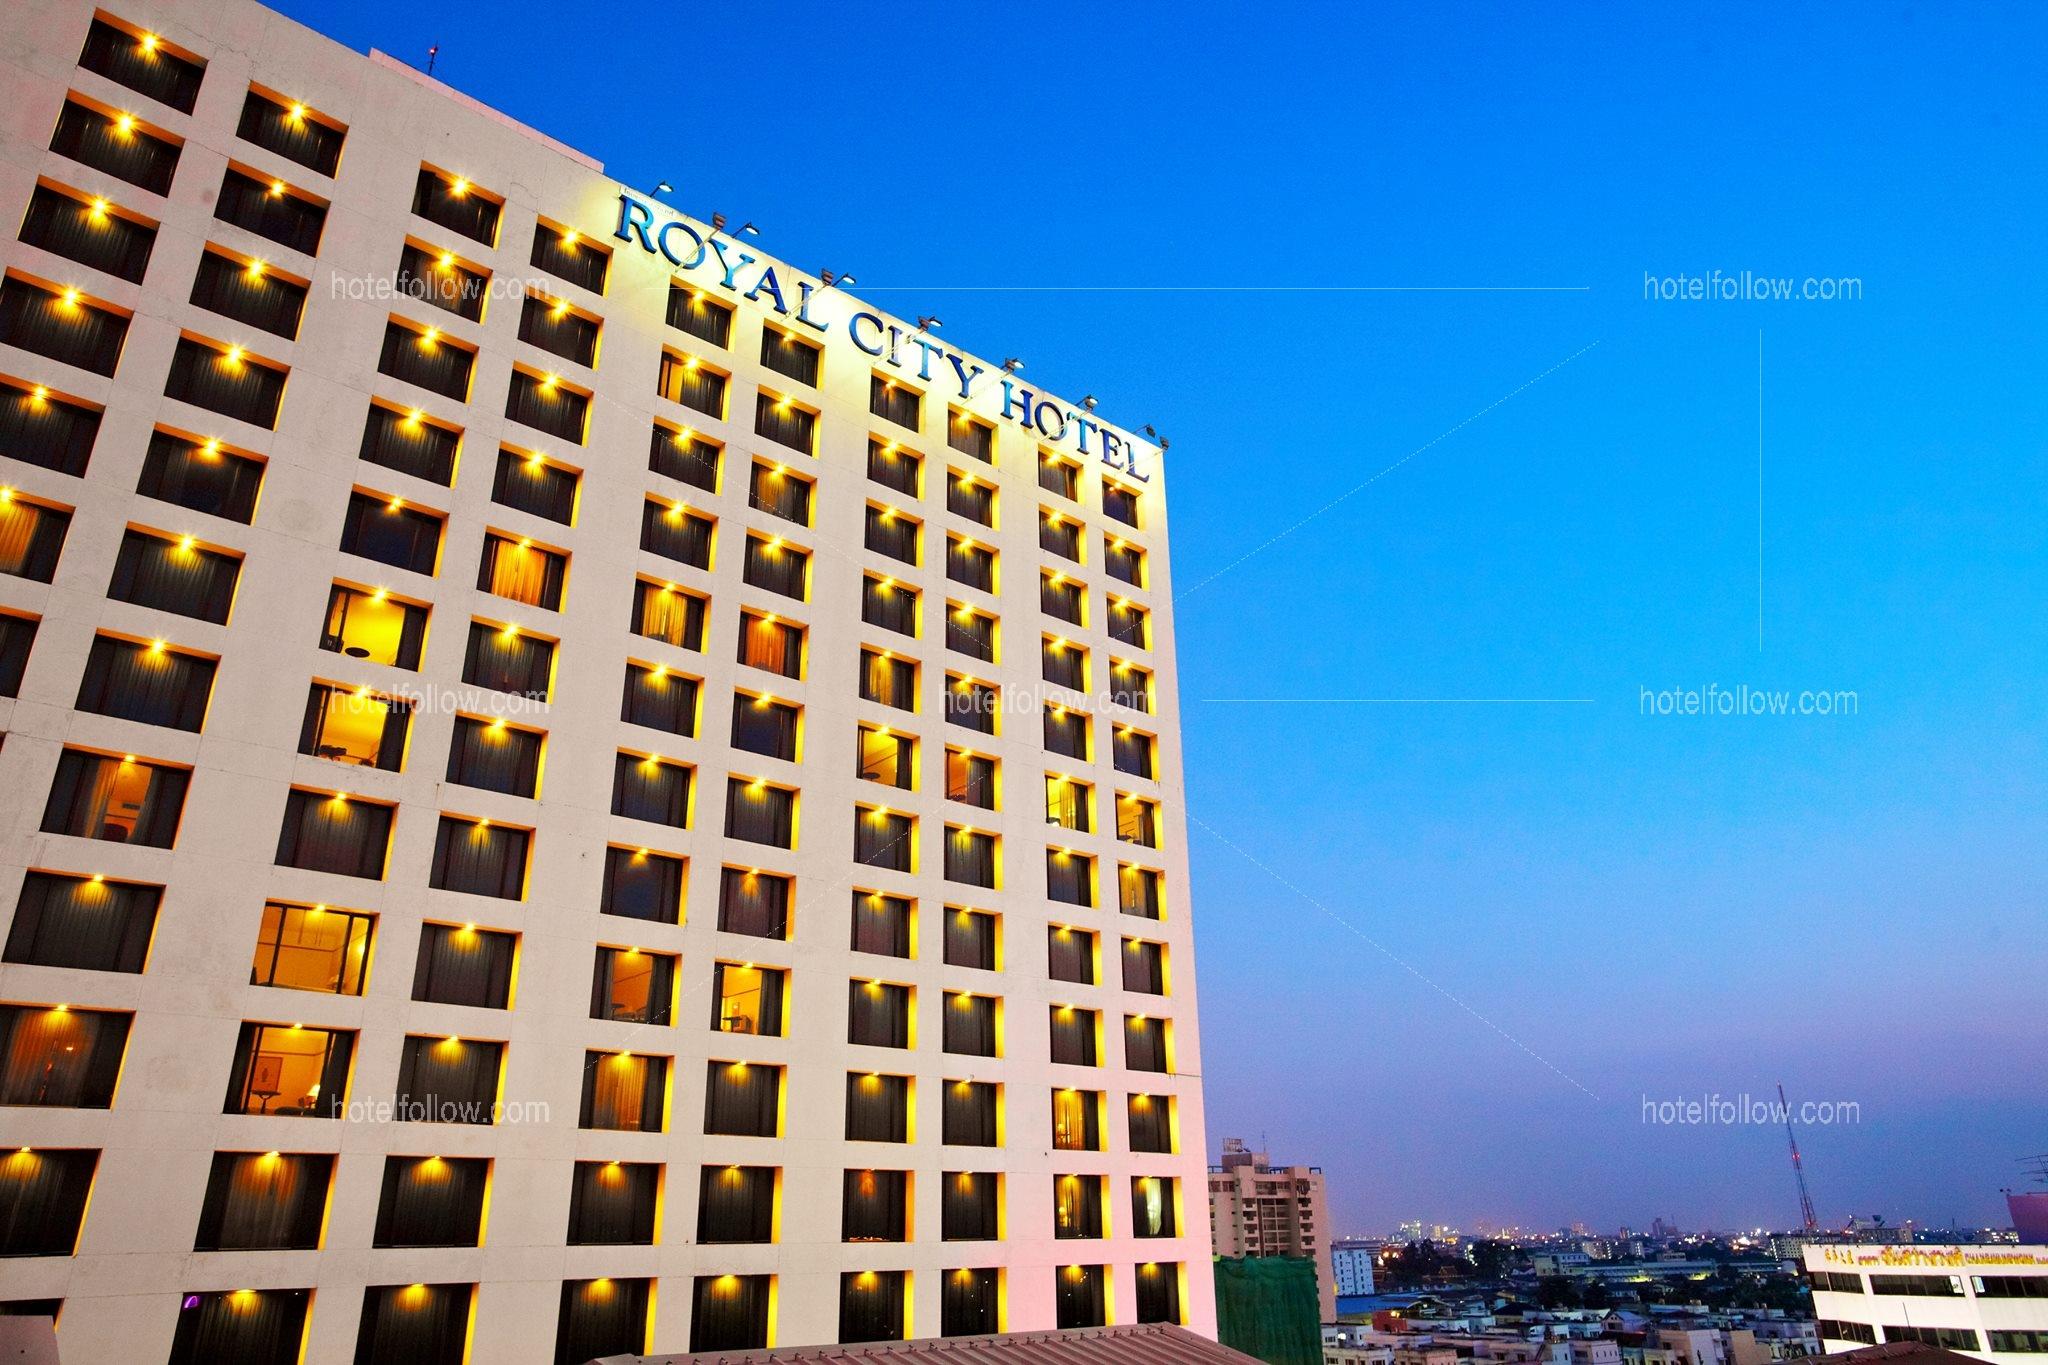 โรงแรม รอยัล ซิตี้ ปิ่นเกล้า กรุงเทพ